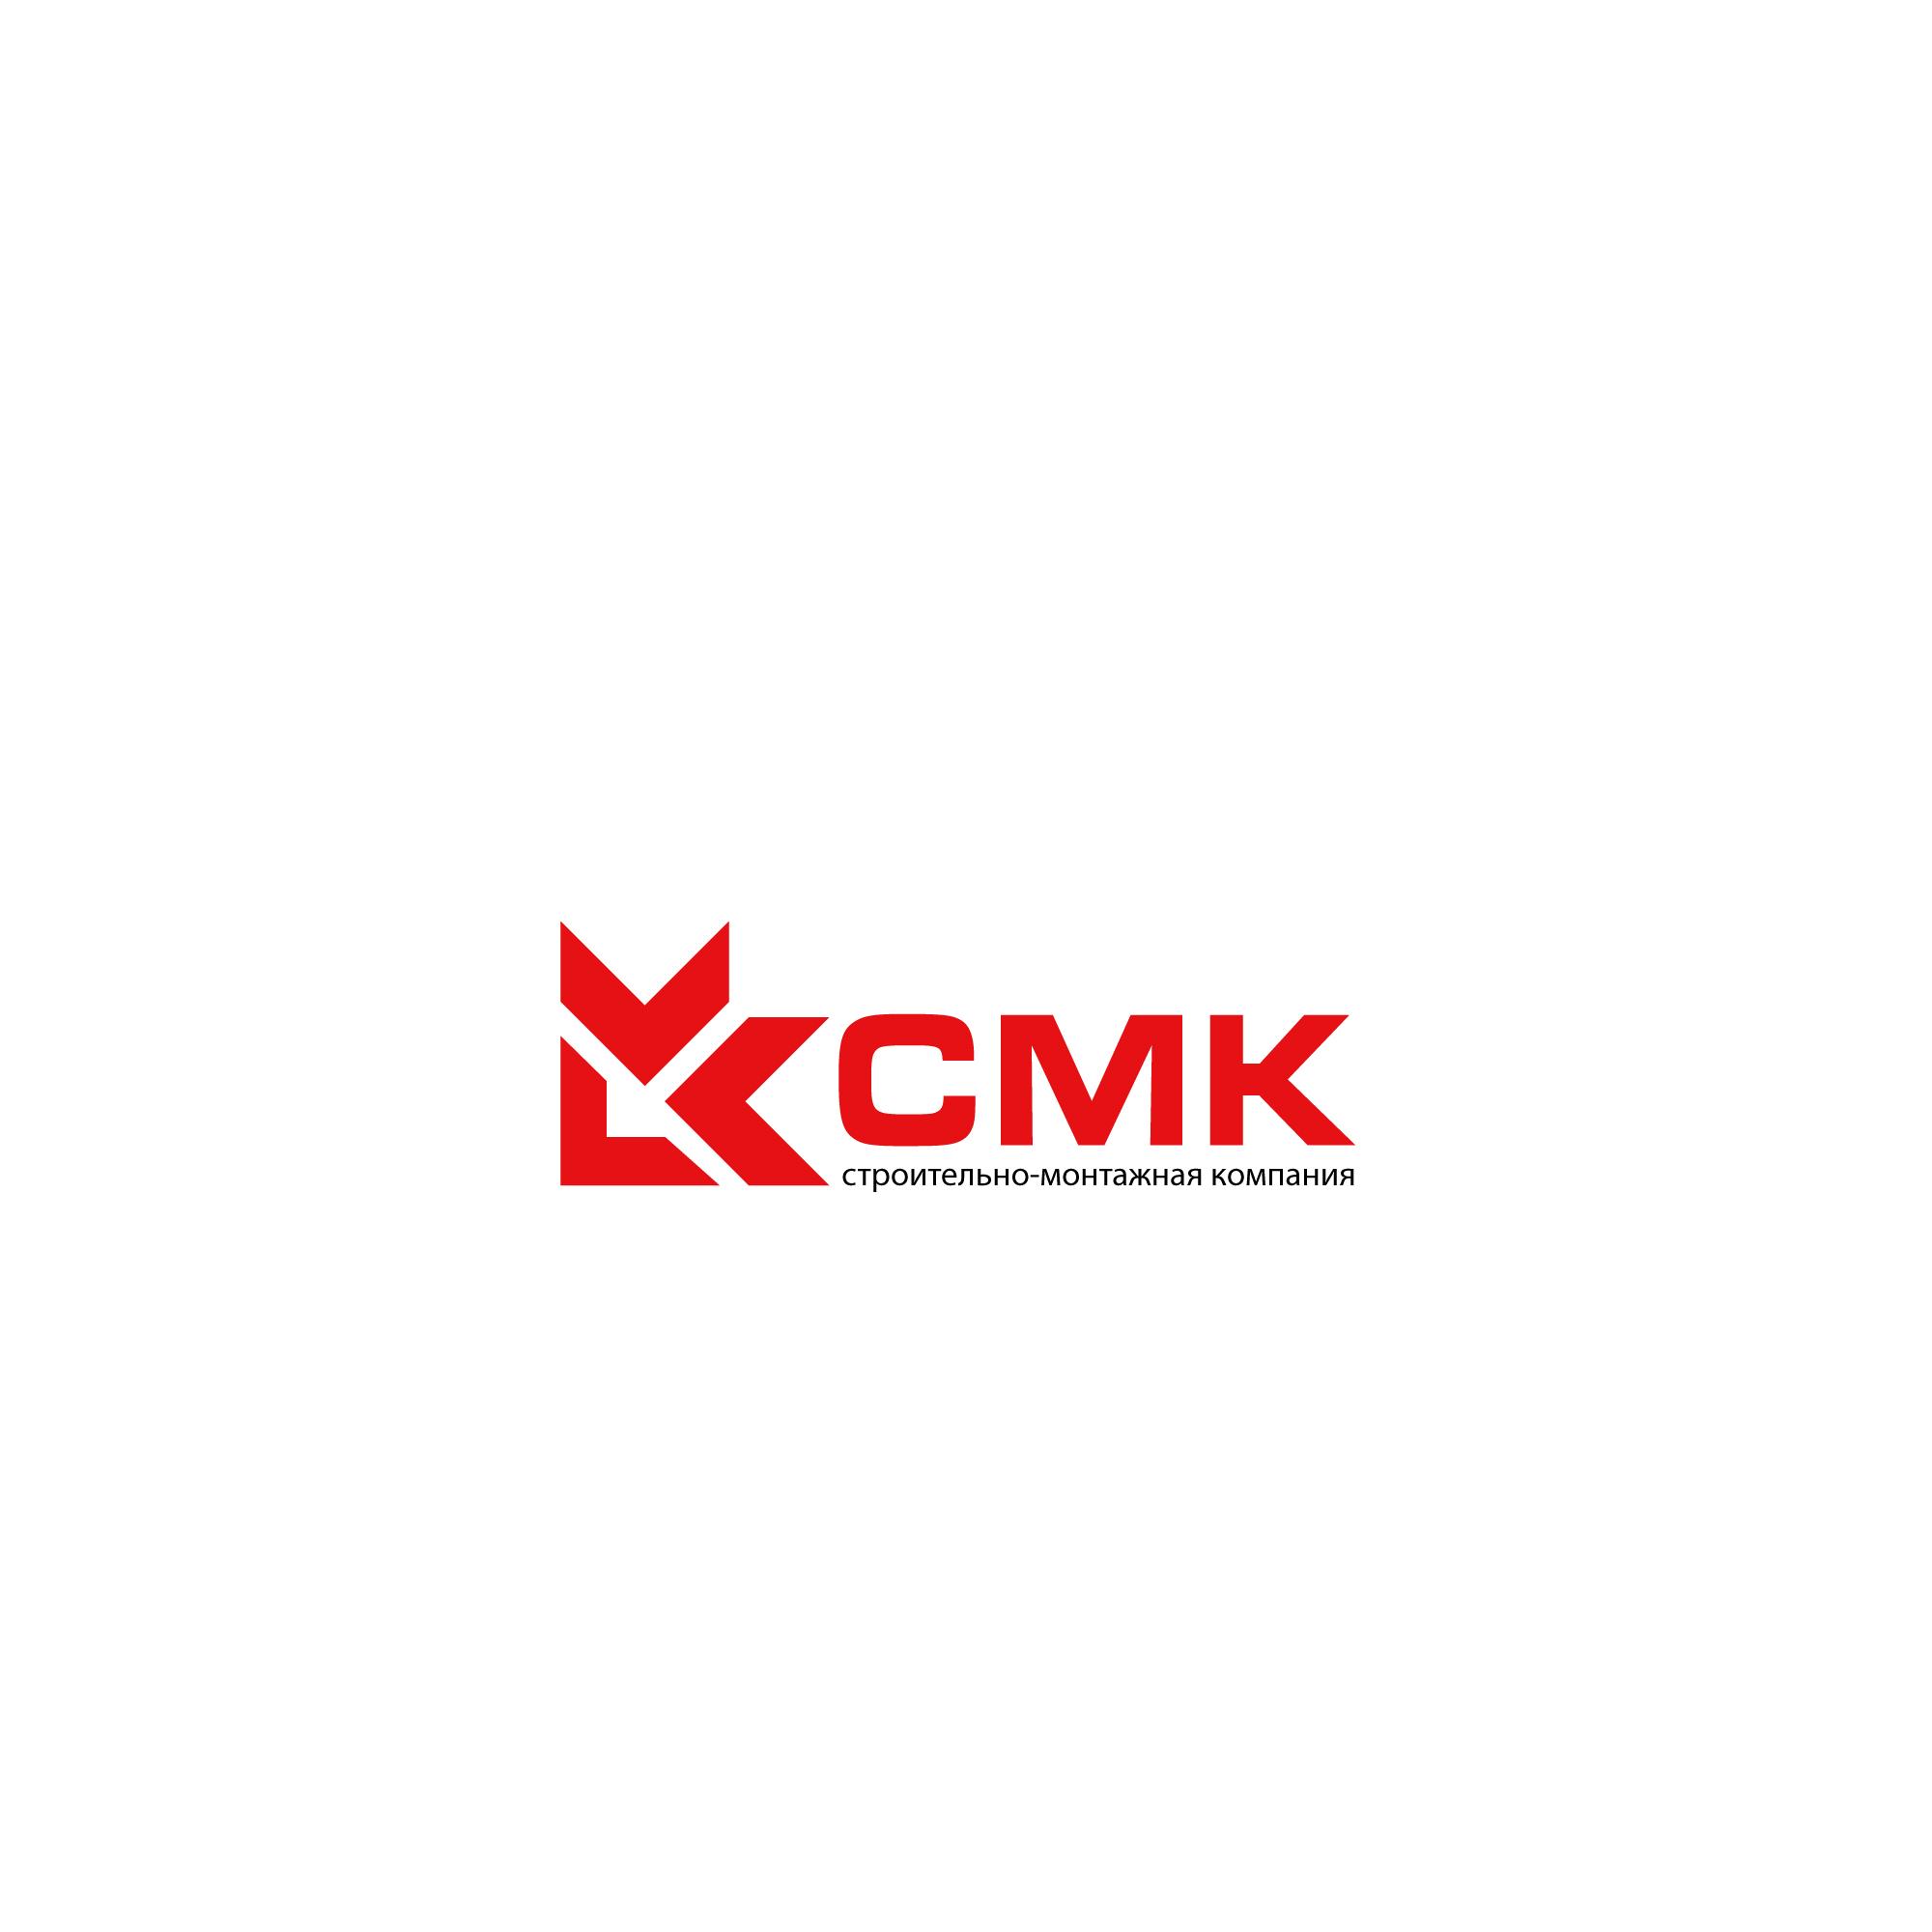 Разработка логотипа компании фото f_4645dcd704c6e53e.jpg